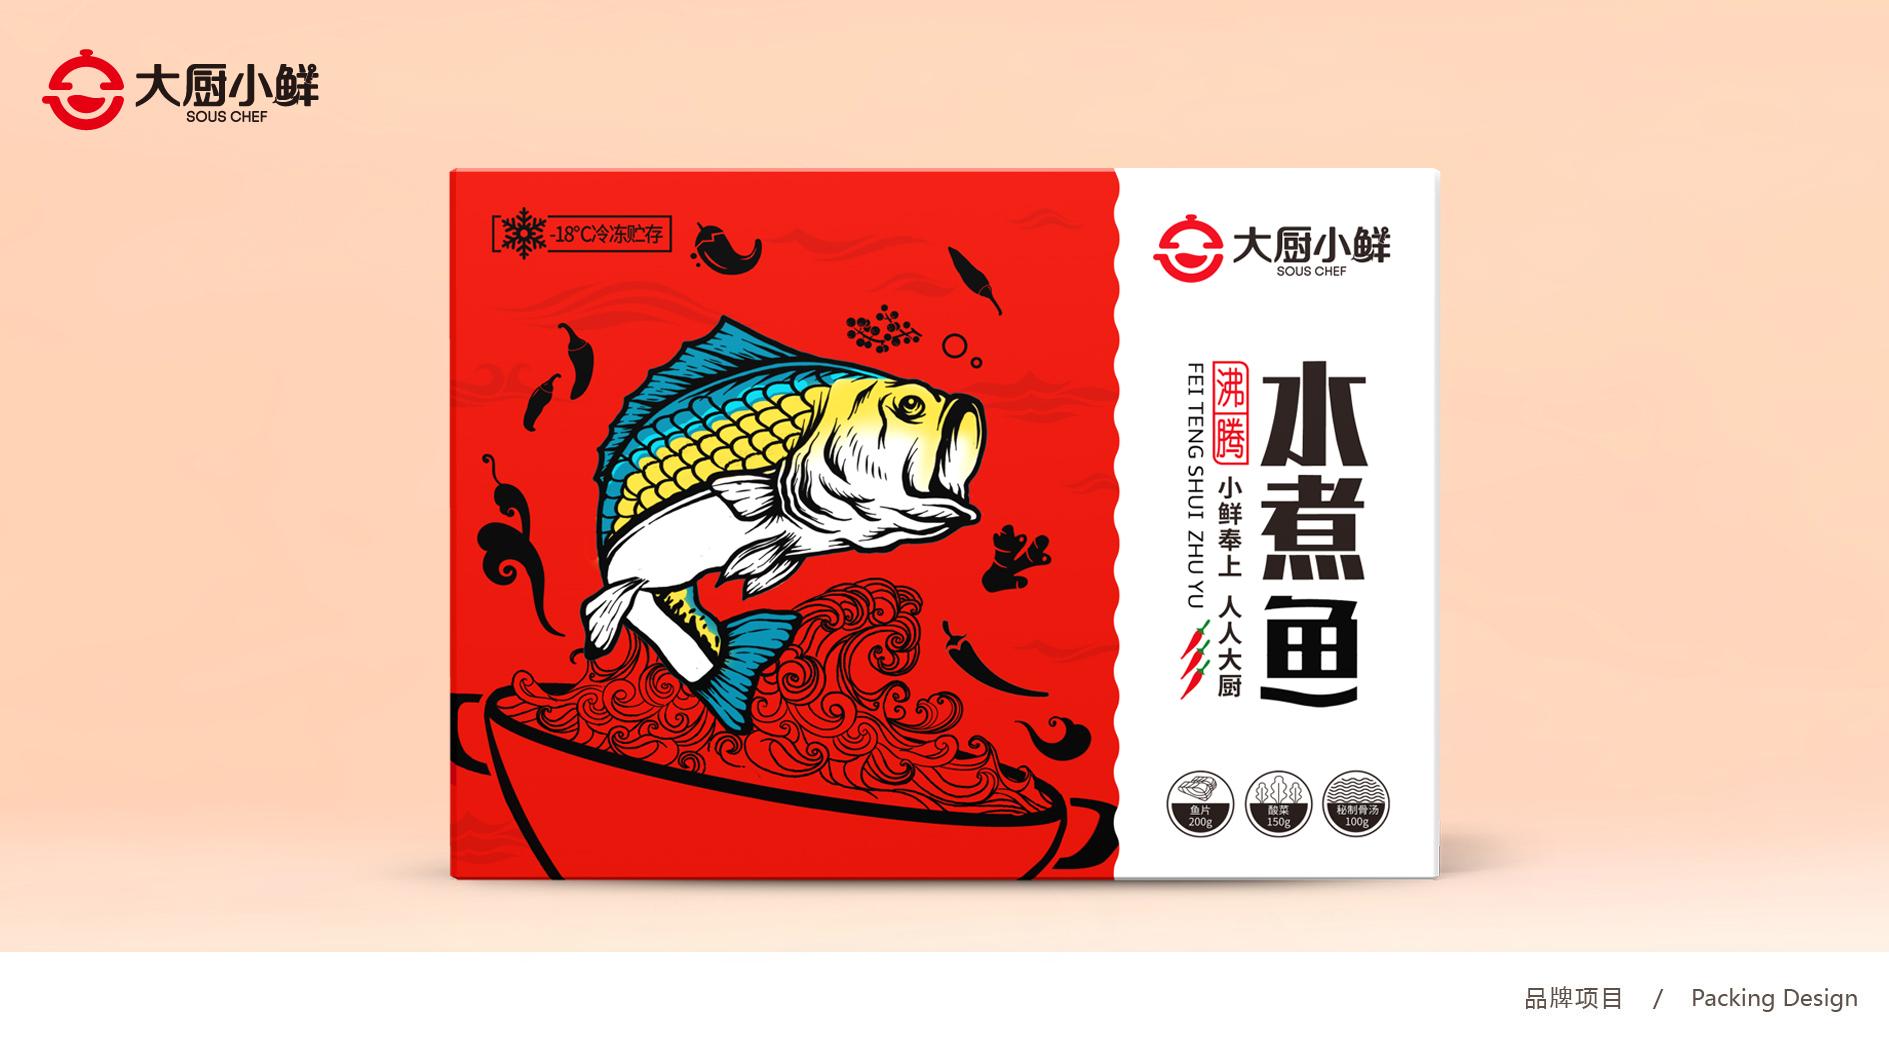 大廚小鮮酸菜魚品牌包裝延展